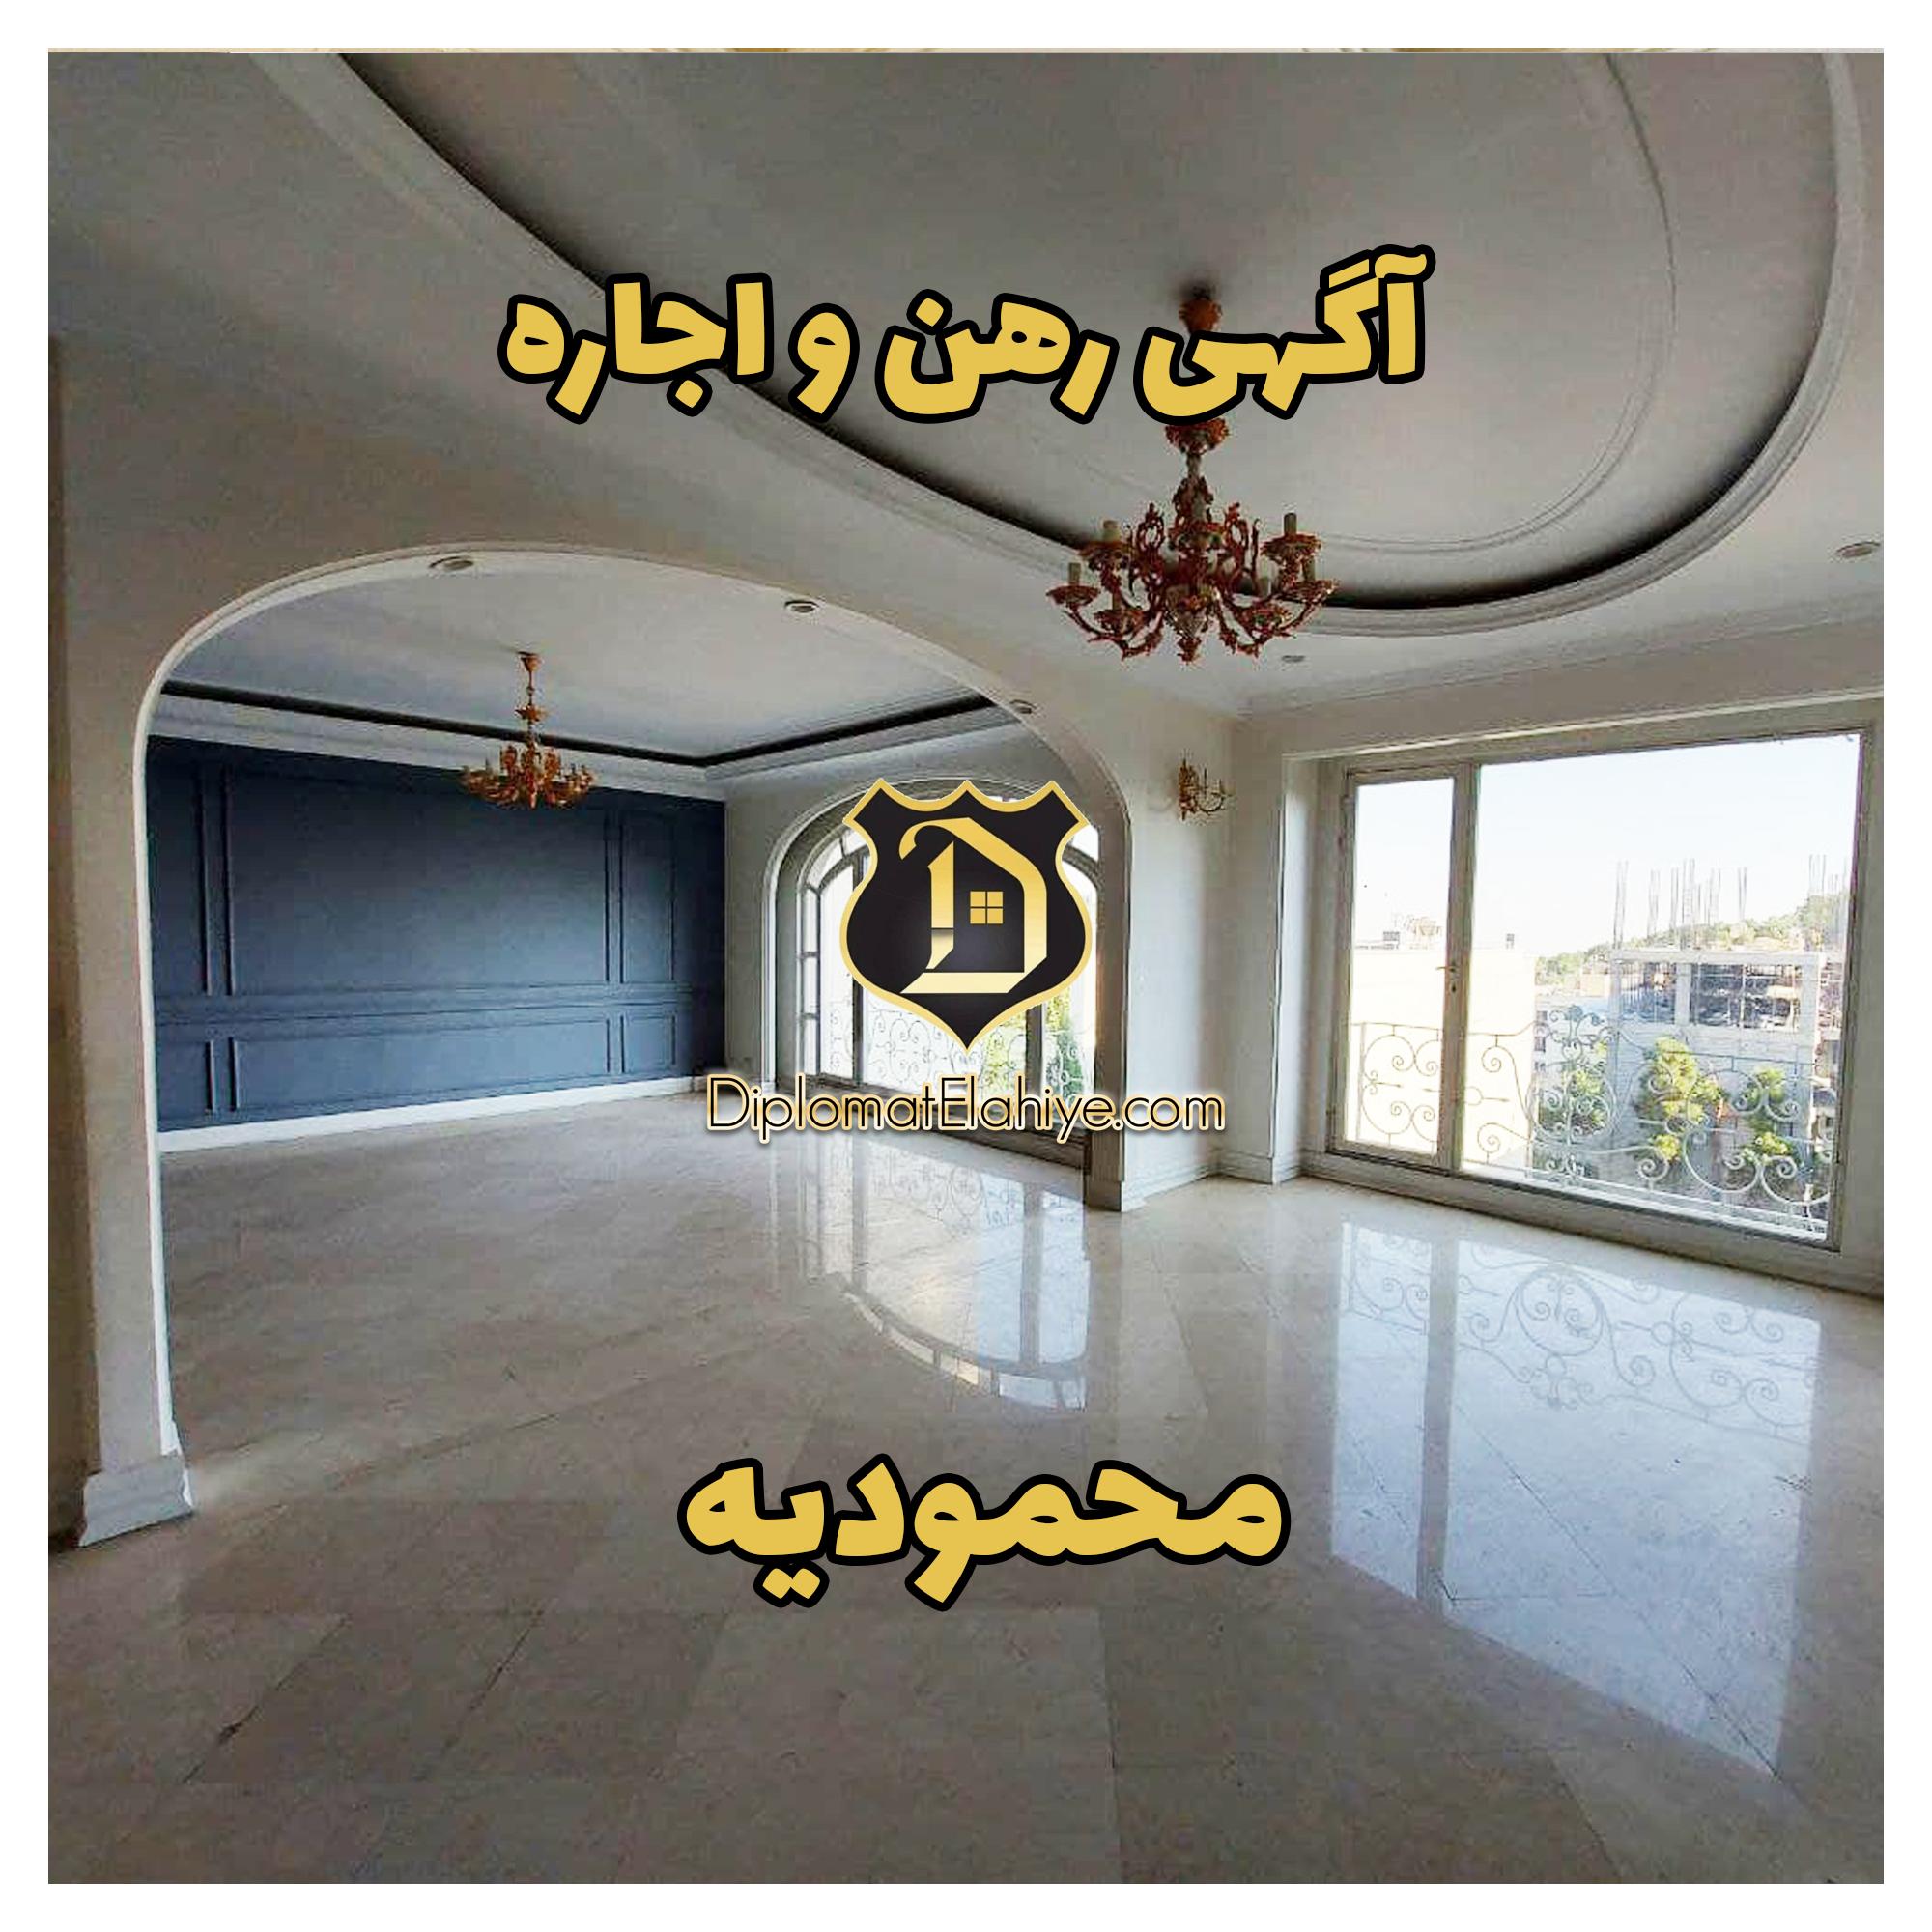 آگهی رهن و اجاره_محمودیه